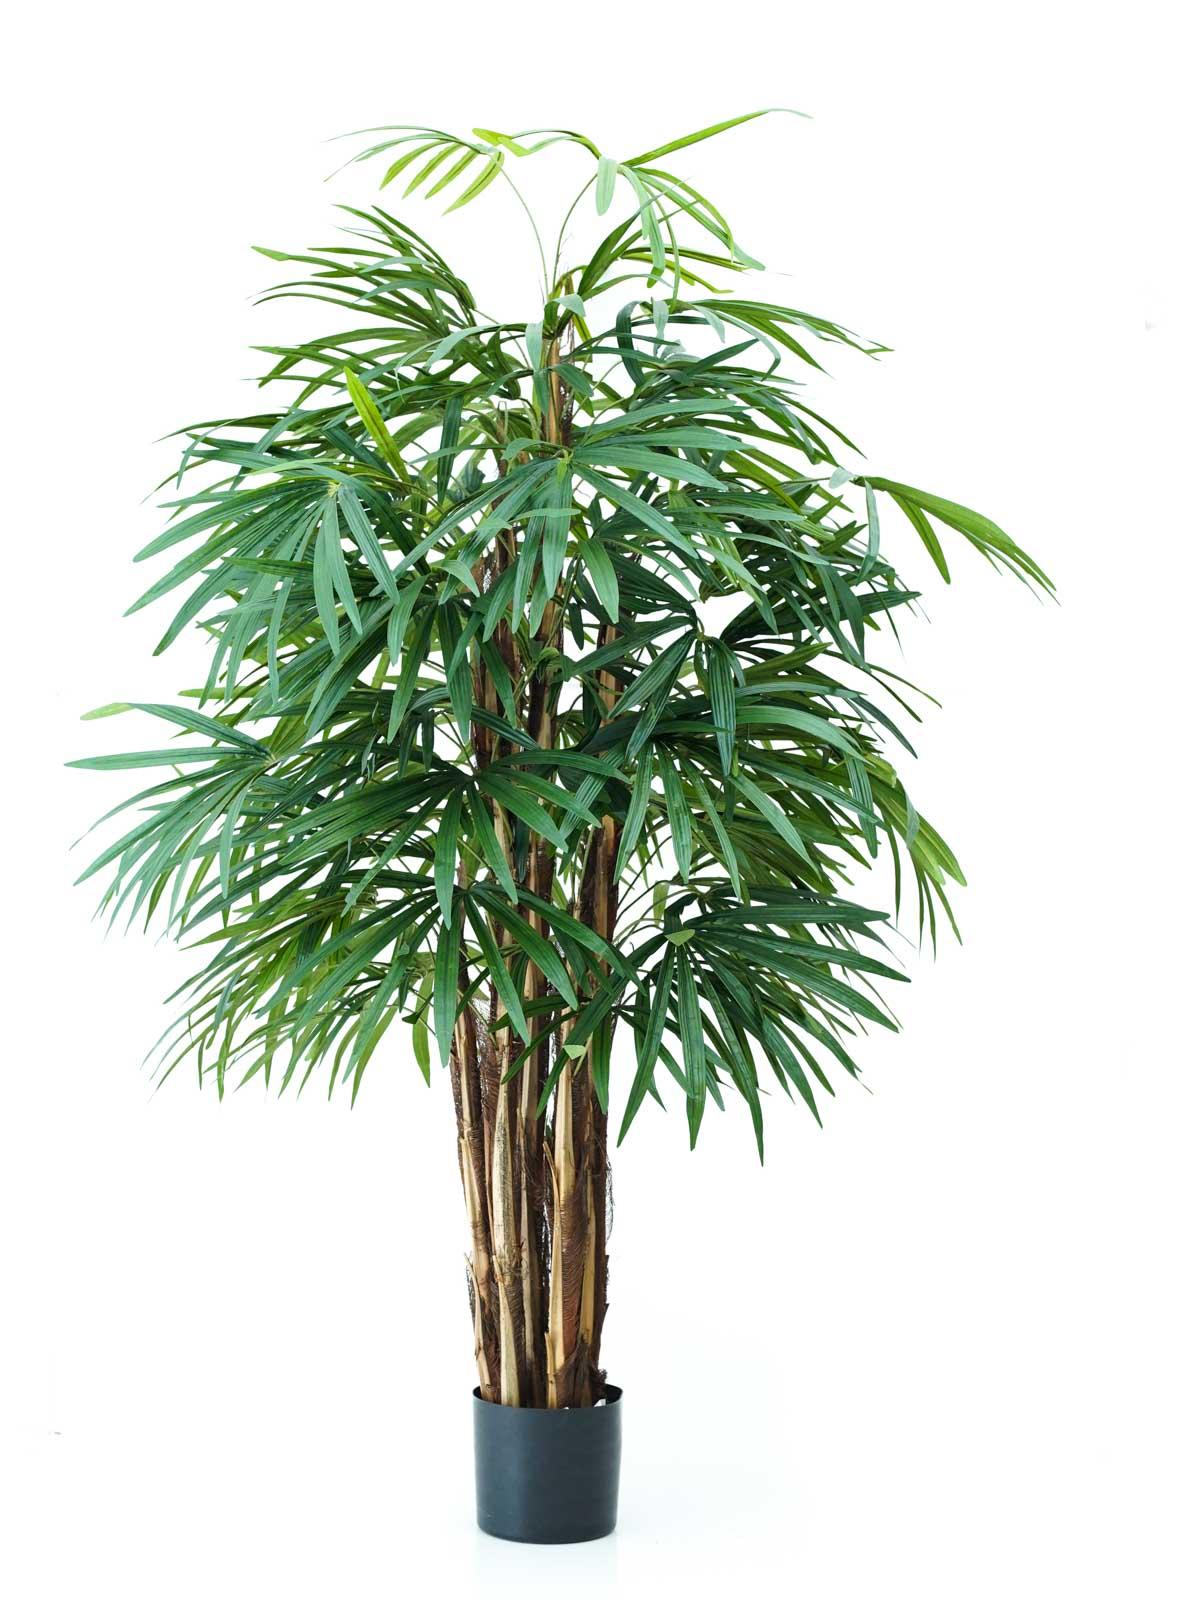 شجرة بامبو - كبير نباتات اصطناعية